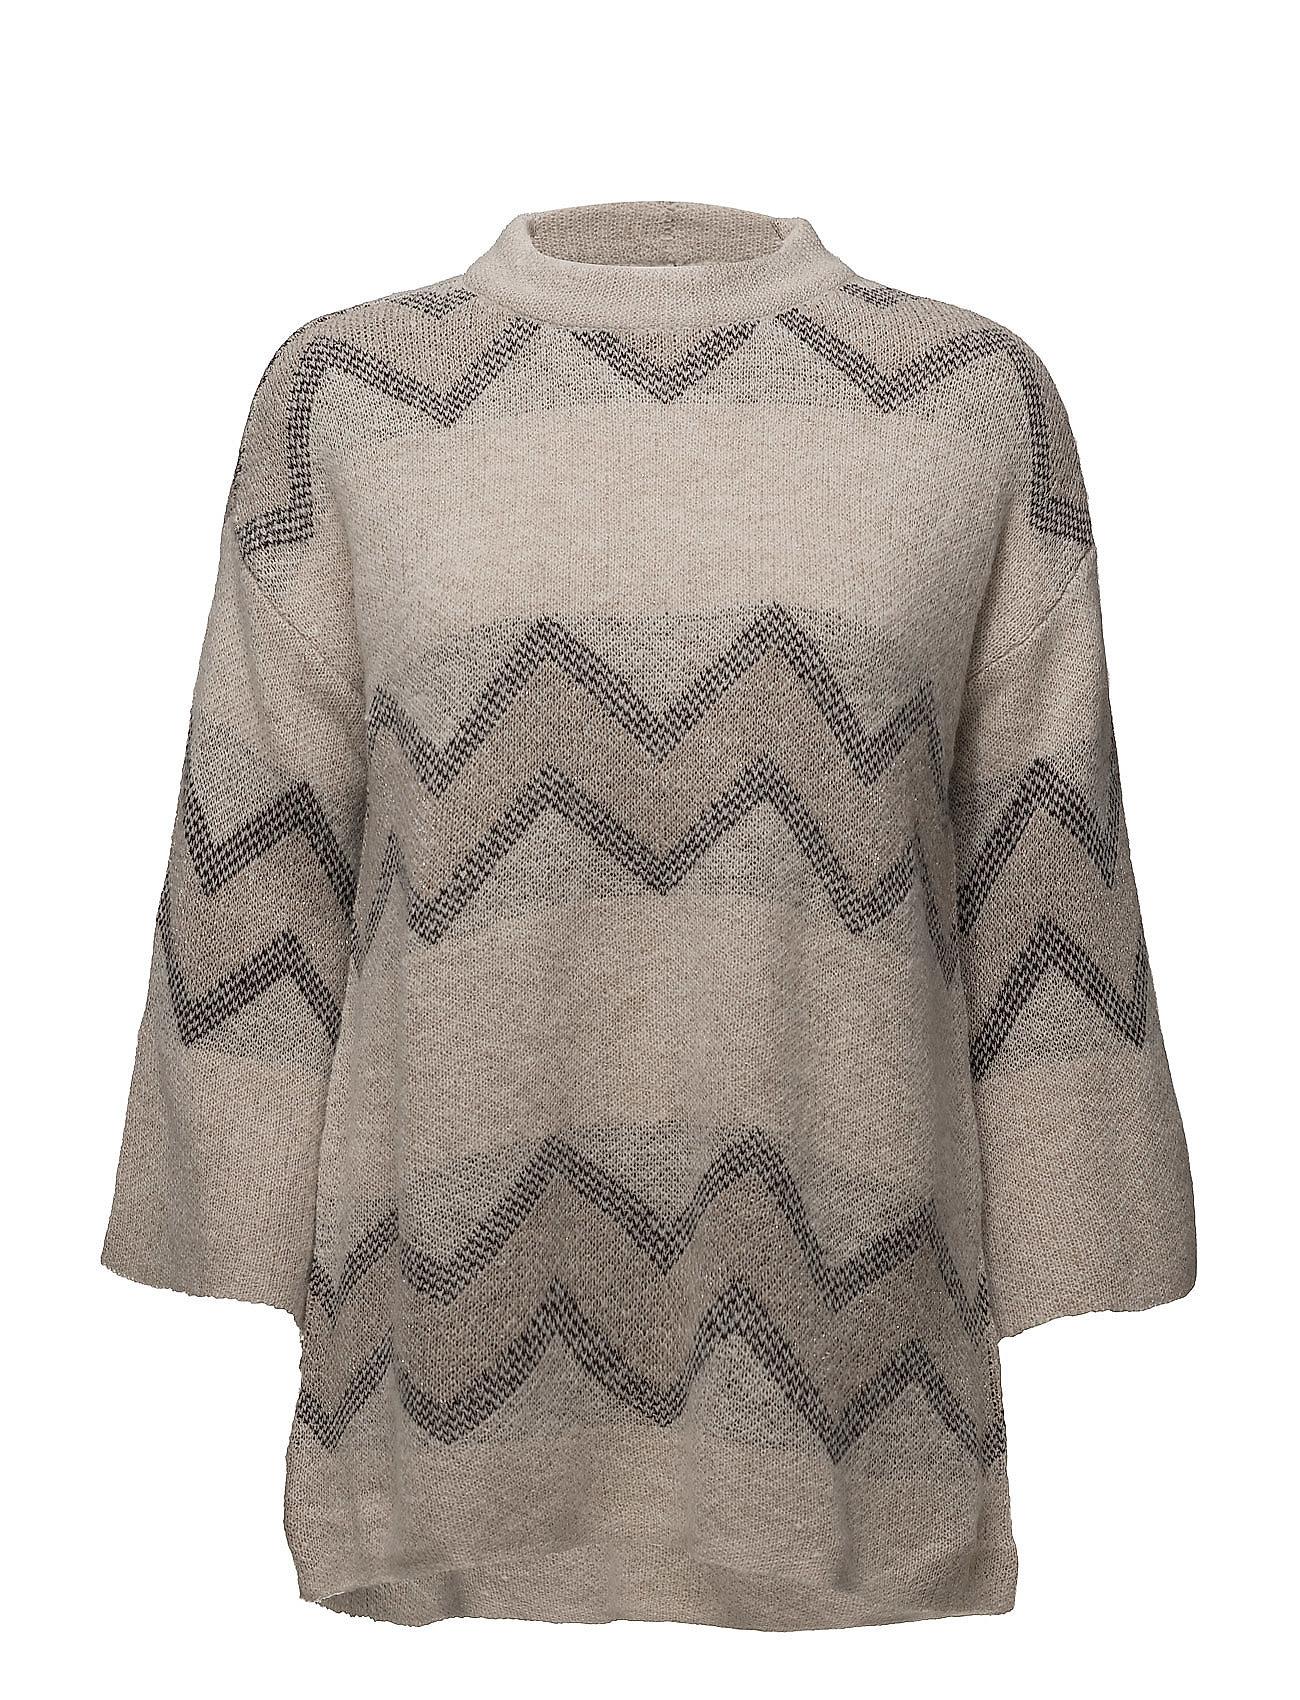 Wide Sleeve Knit Blouse Saint Tropez Ponchoer til Damer i